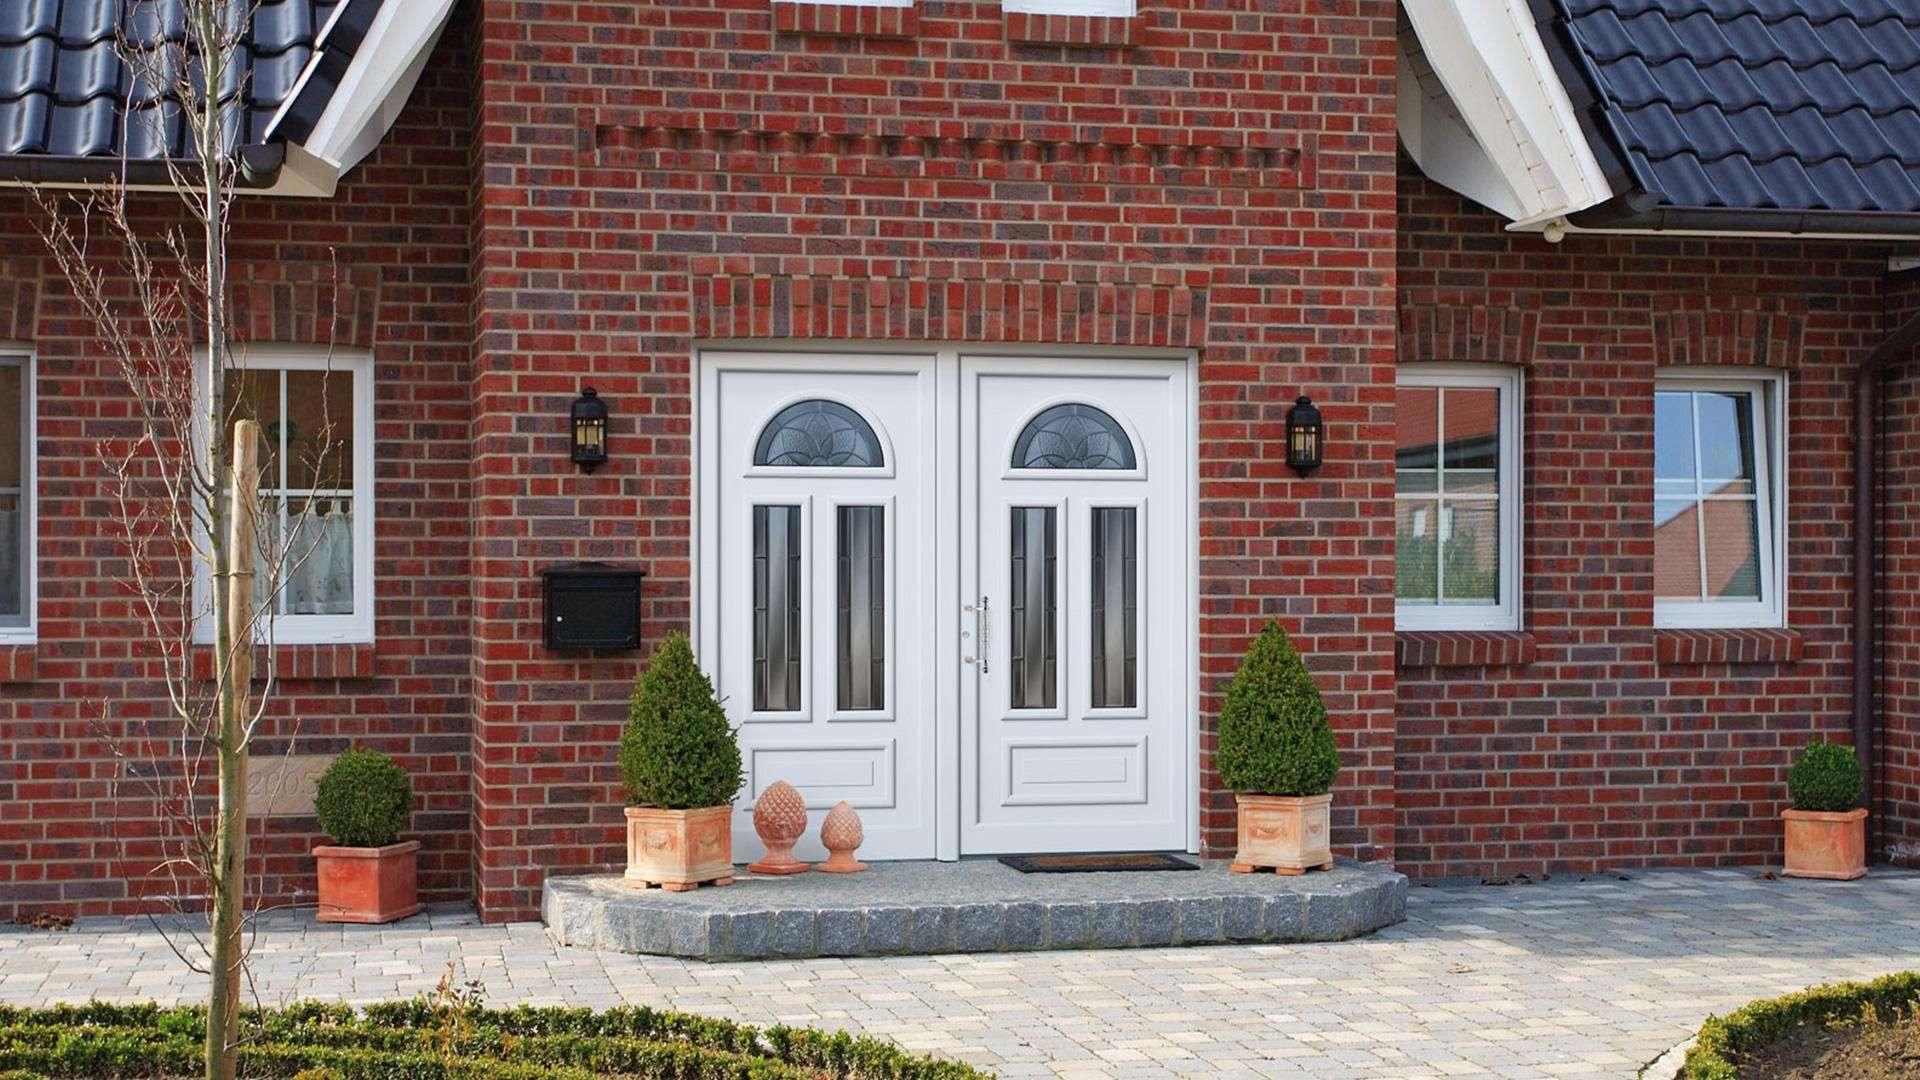 Kompotherm Haustür im Dürer-Design in einem Haus mit rotem Klinker